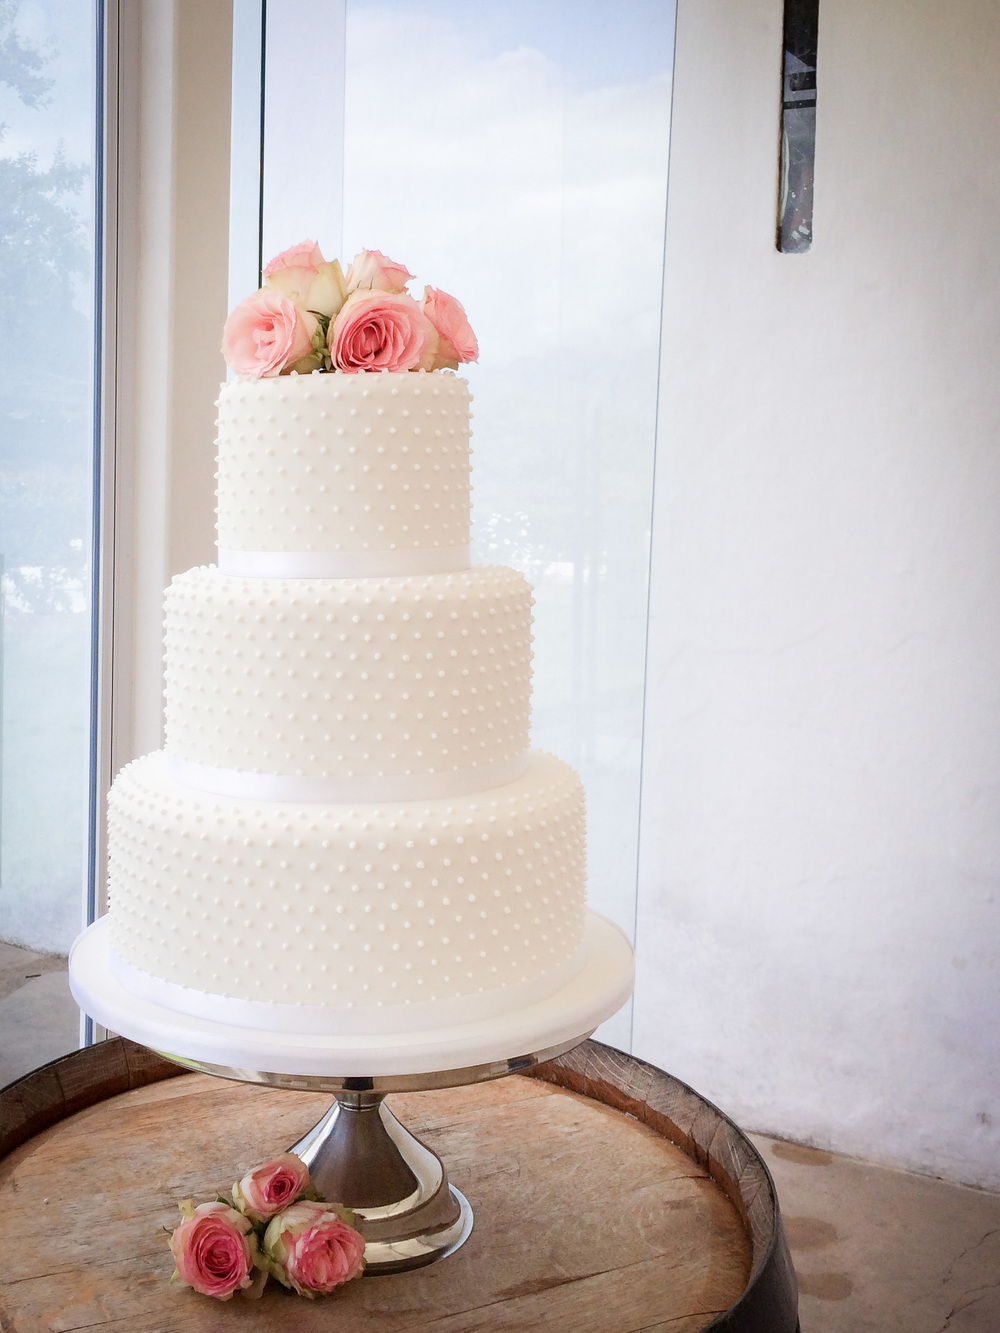 Nelle Cakes-2.jpg